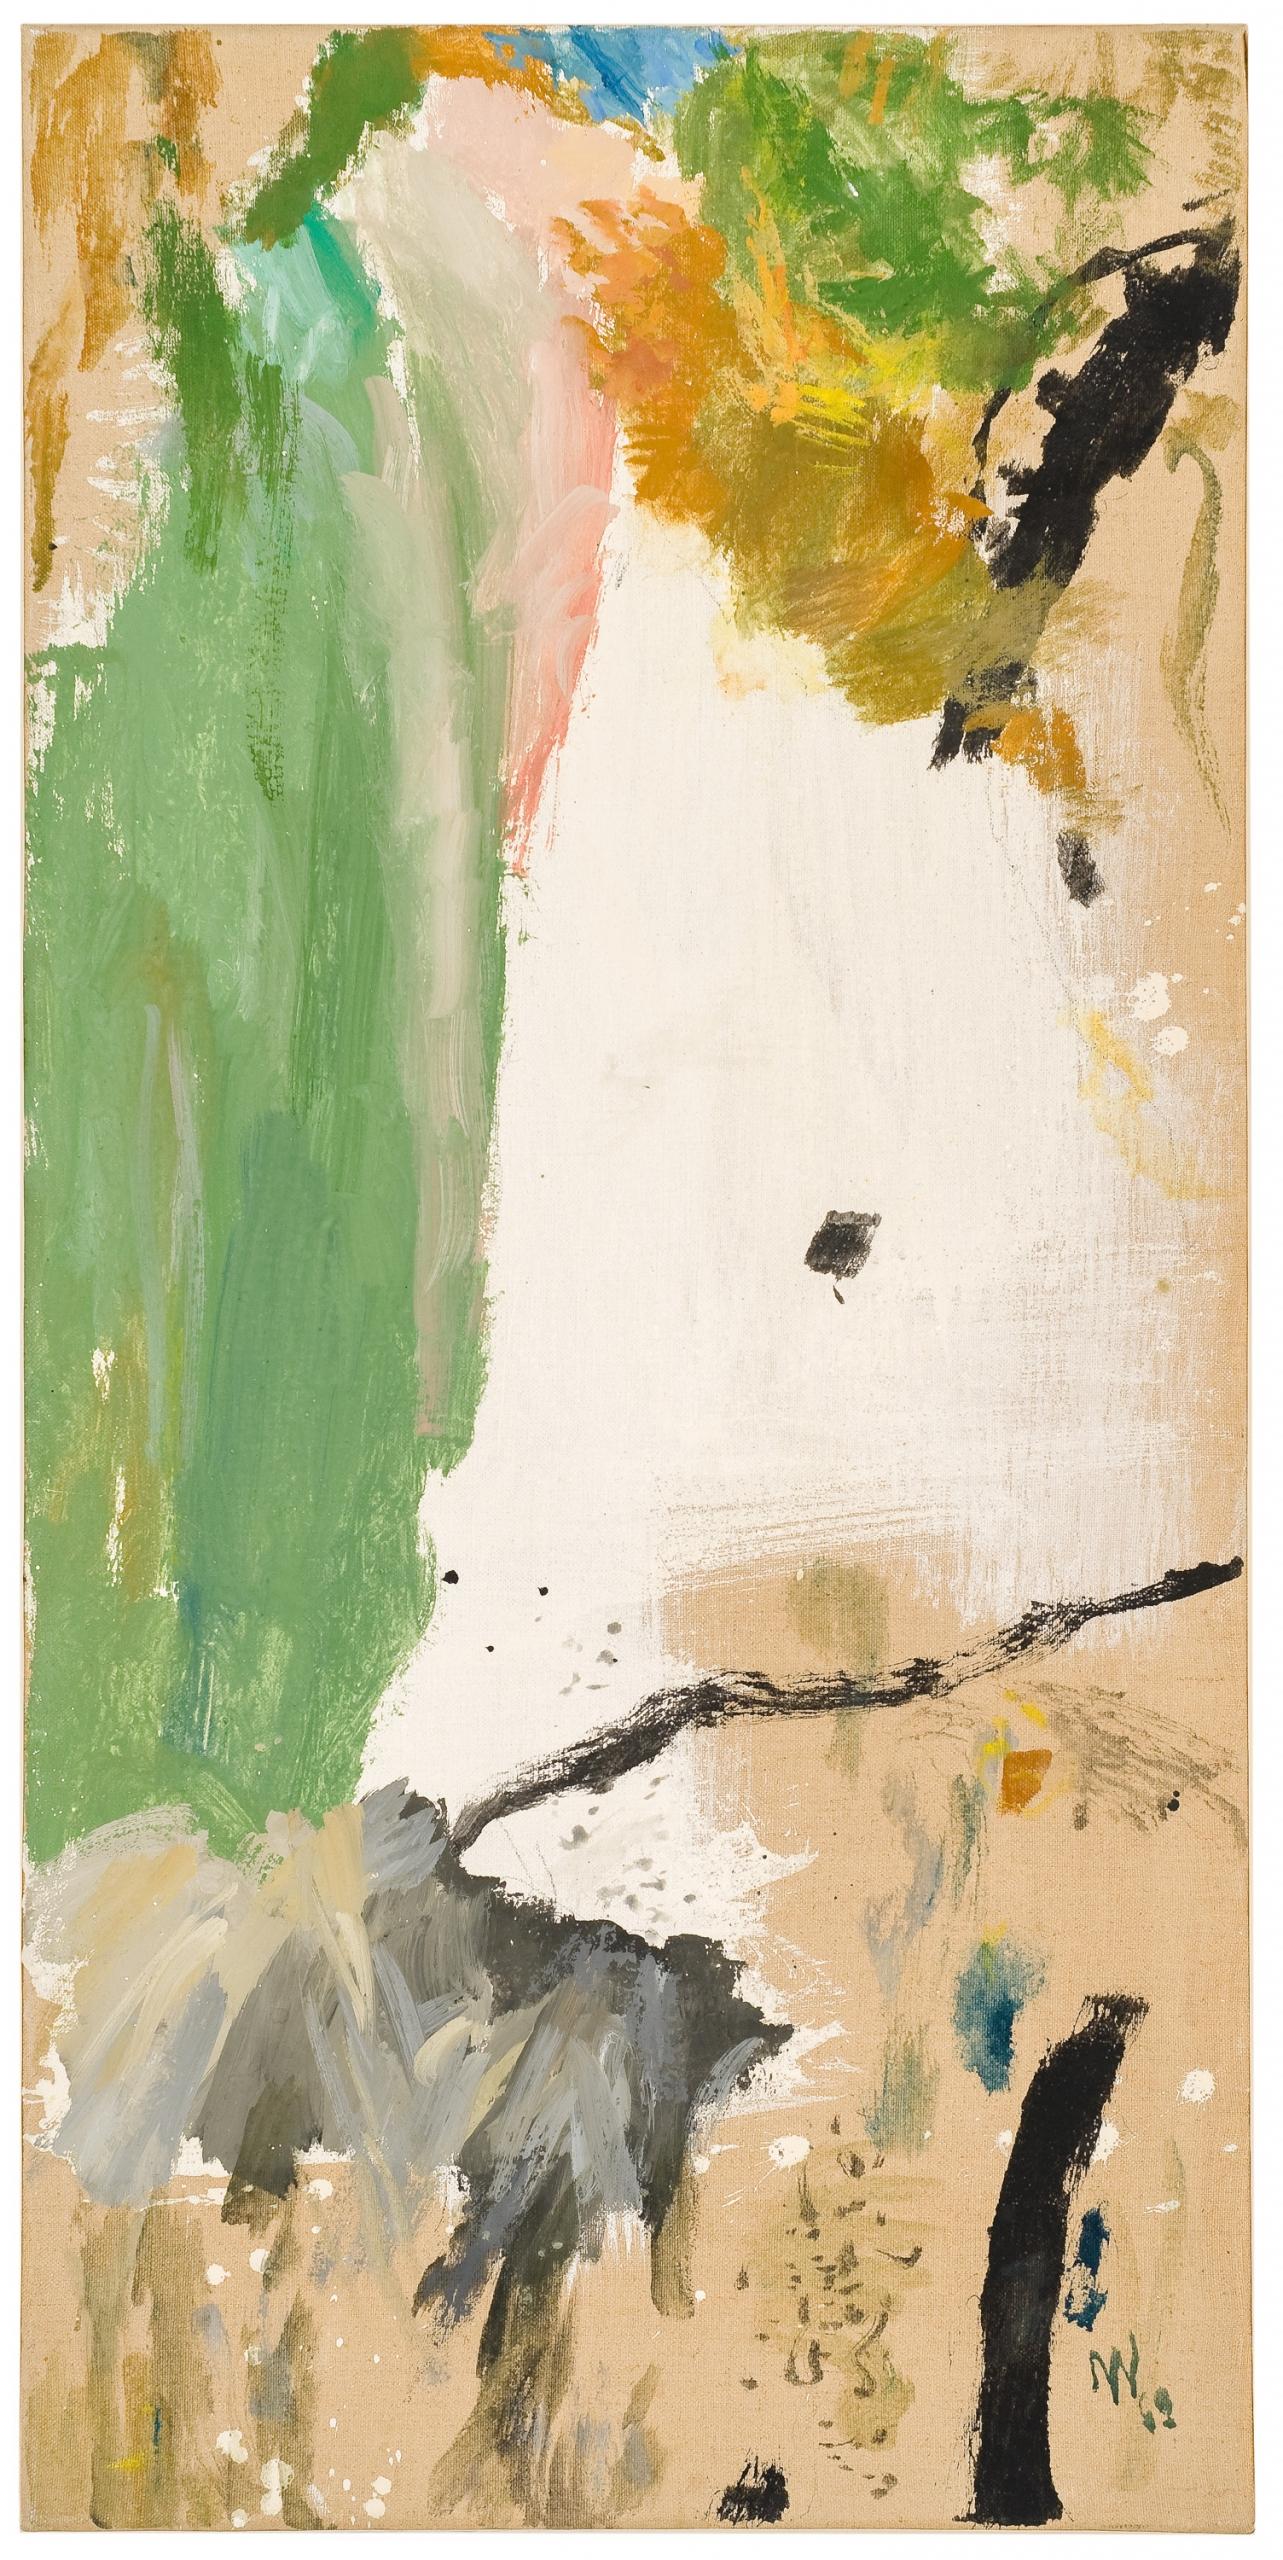 Max Weiler, Malerei aus Landschaftsteilen 4